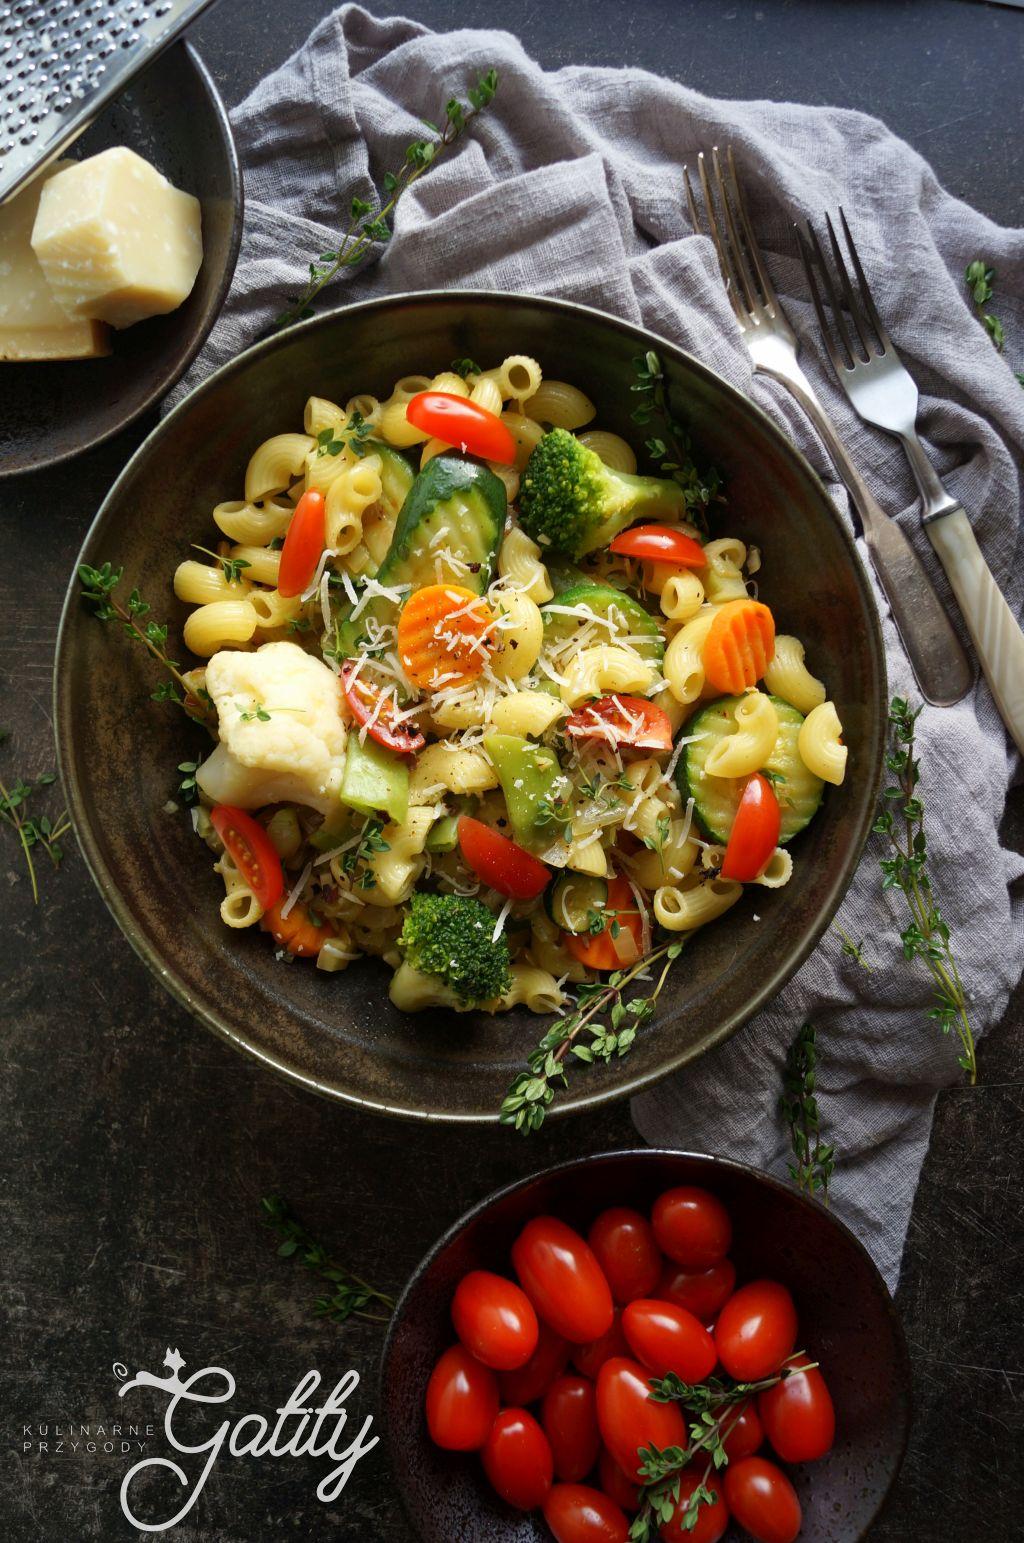 mrozone-warzywa-hortex